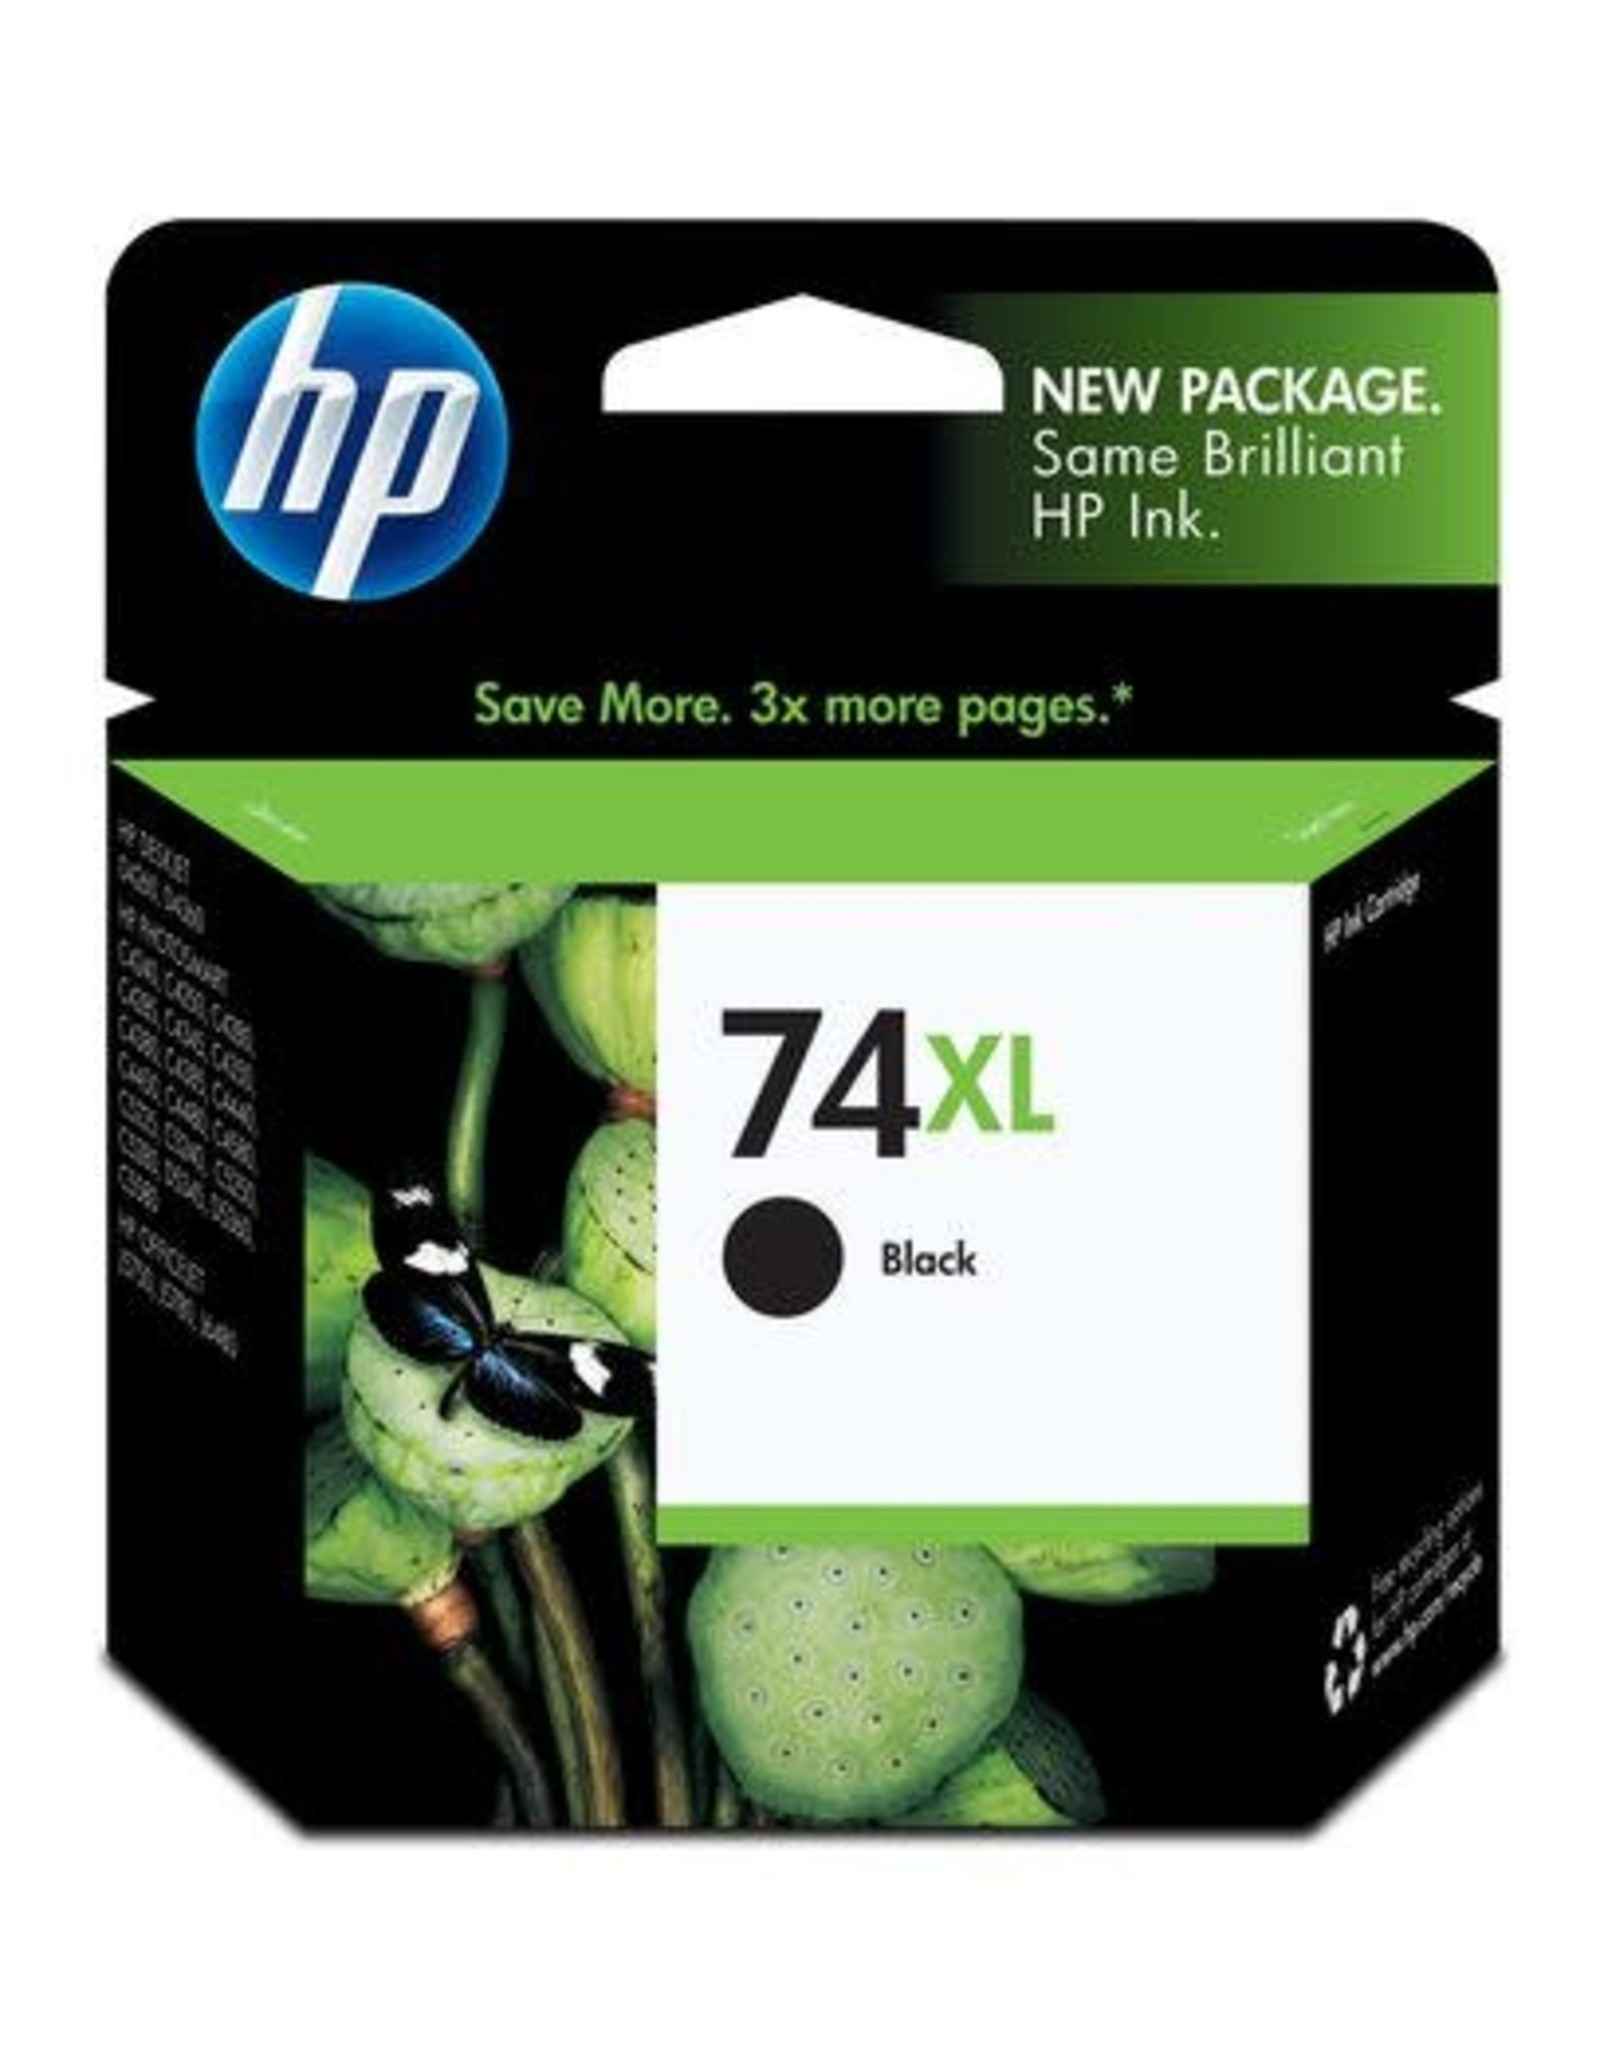 HP INKJET CARTRIDGE-HP #74XL BLACK HIGH YIELD